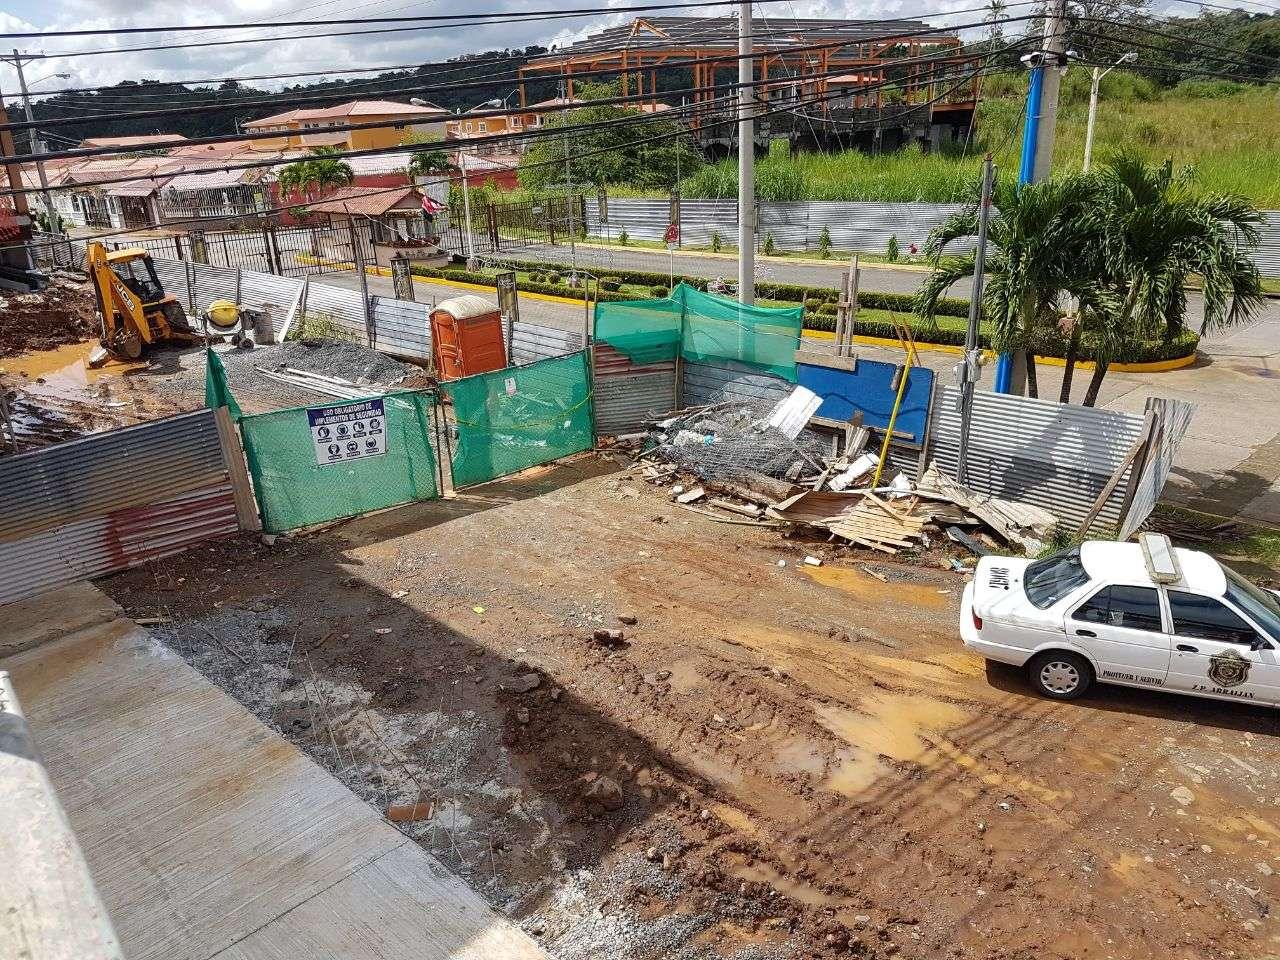 La Policía Nacional investiga del caso y recaba evidencias que le permitan identificar y ubicar a los asaltantes. /  Foto: Raimundo Rivera